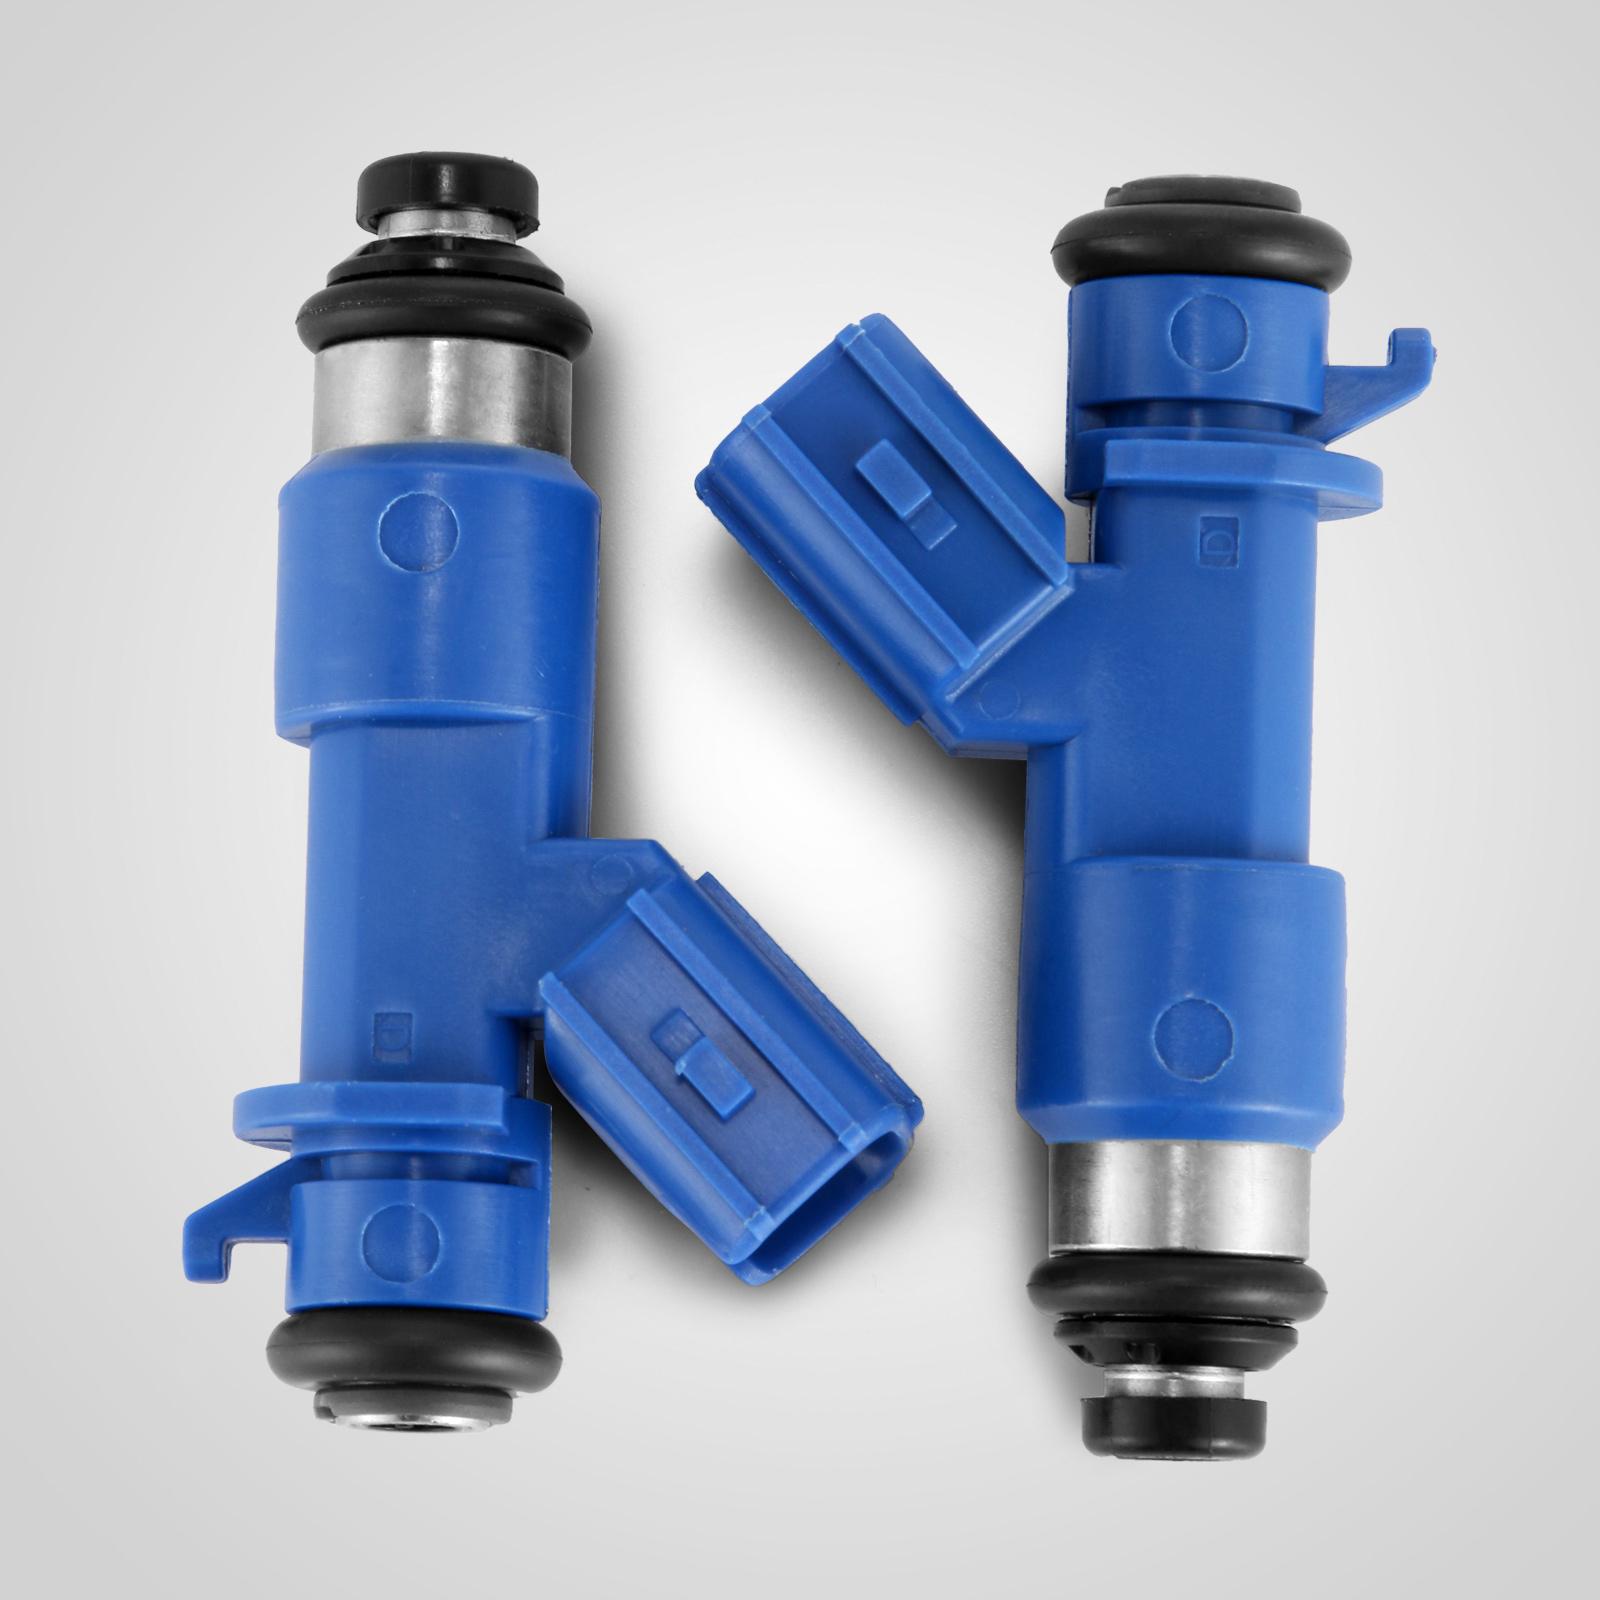 Set 4*Denso Fuel Injectors RDX 410cc 16450-RWC-A01 For